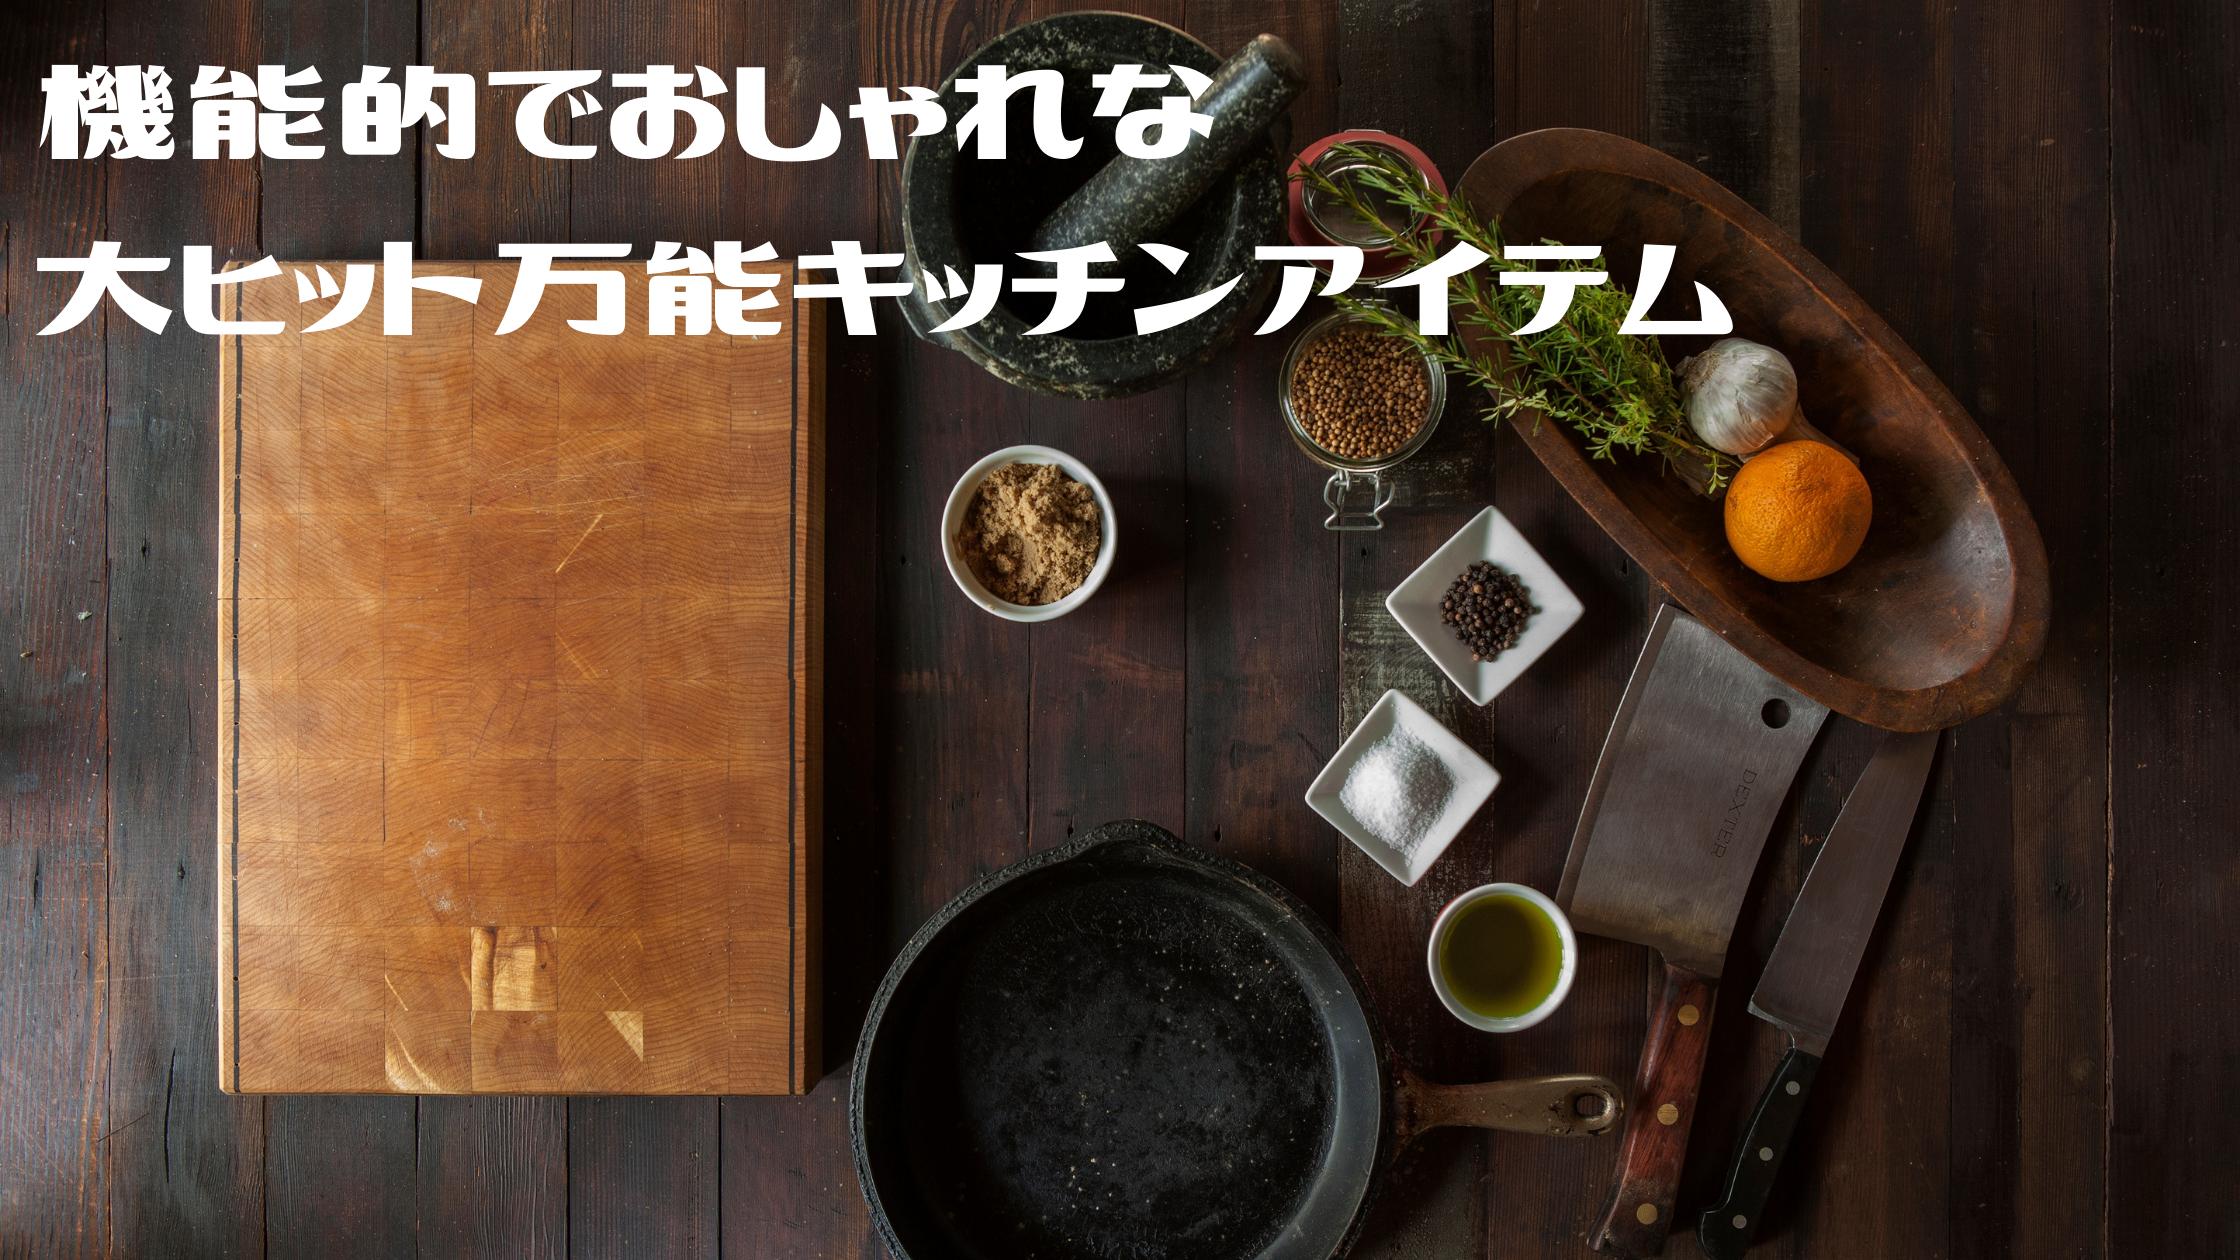 機能的でおしゃれな【最新キッチンアイテム】『オメガヴィスペン』『レンジで揚げ太郎』